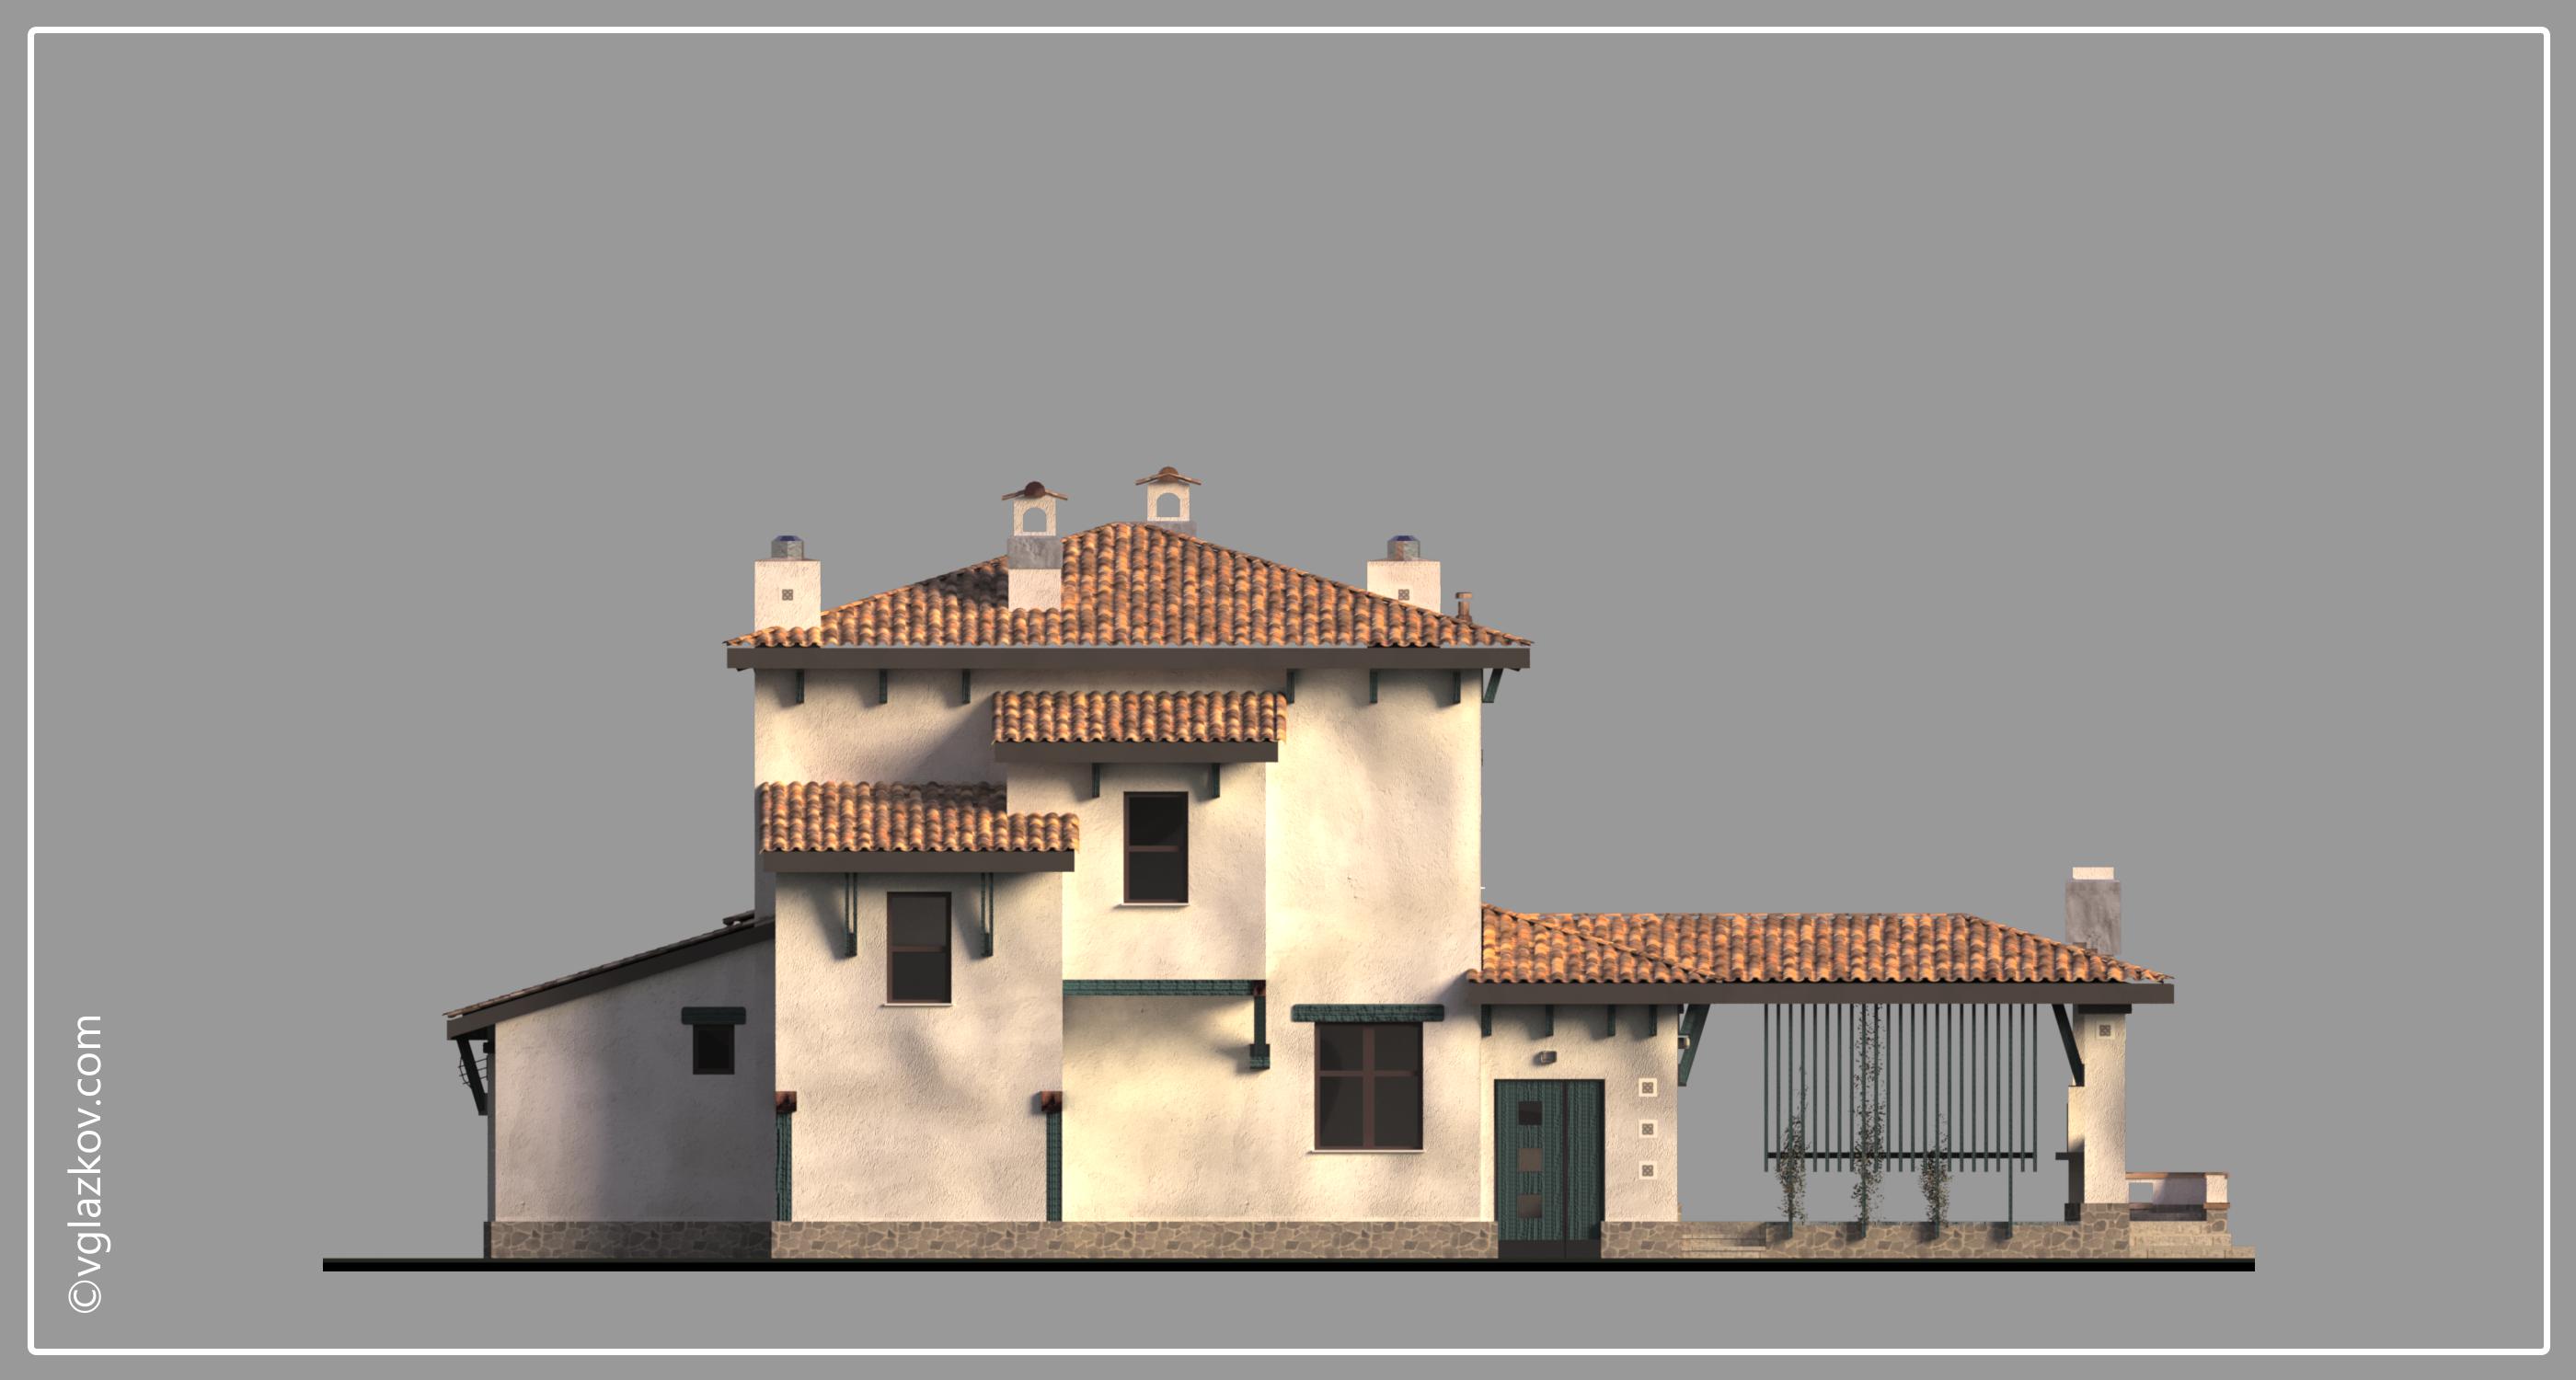 Проект дома в Средиземноморском стиле с террасами панорамными окнами, фасад 4